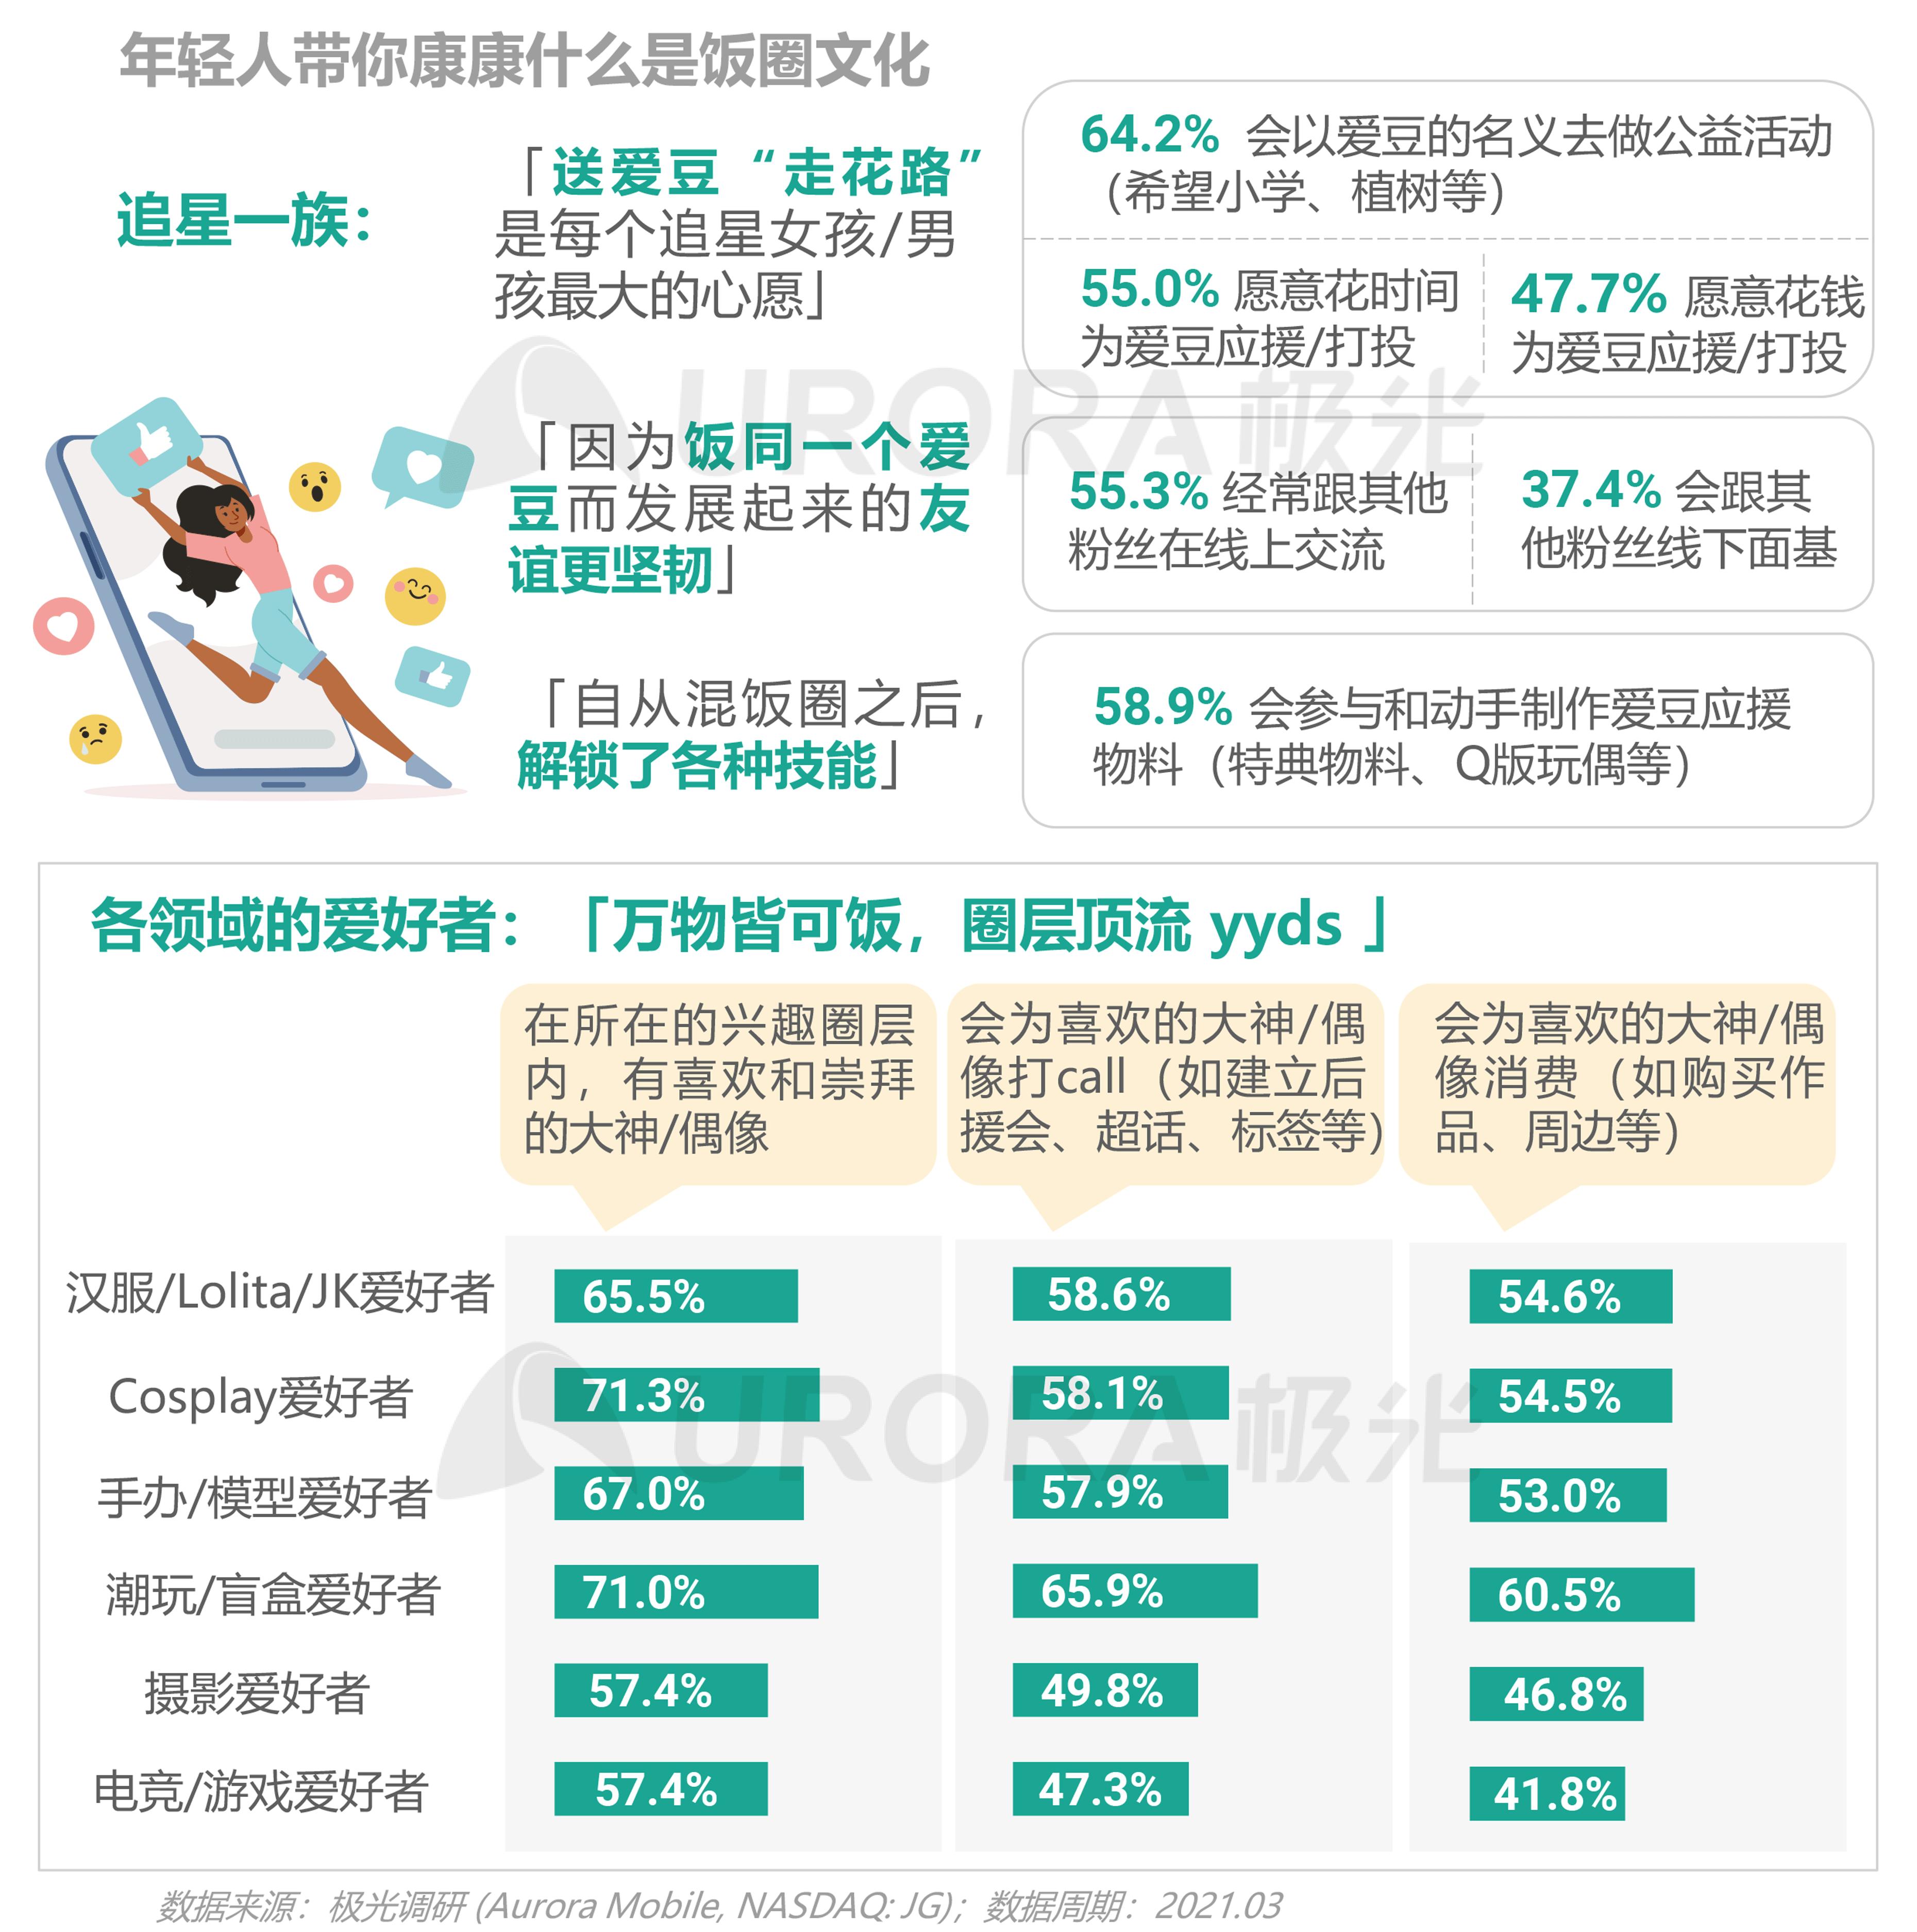 2021年轻人营销趋势研究报告【定稿】-19.png